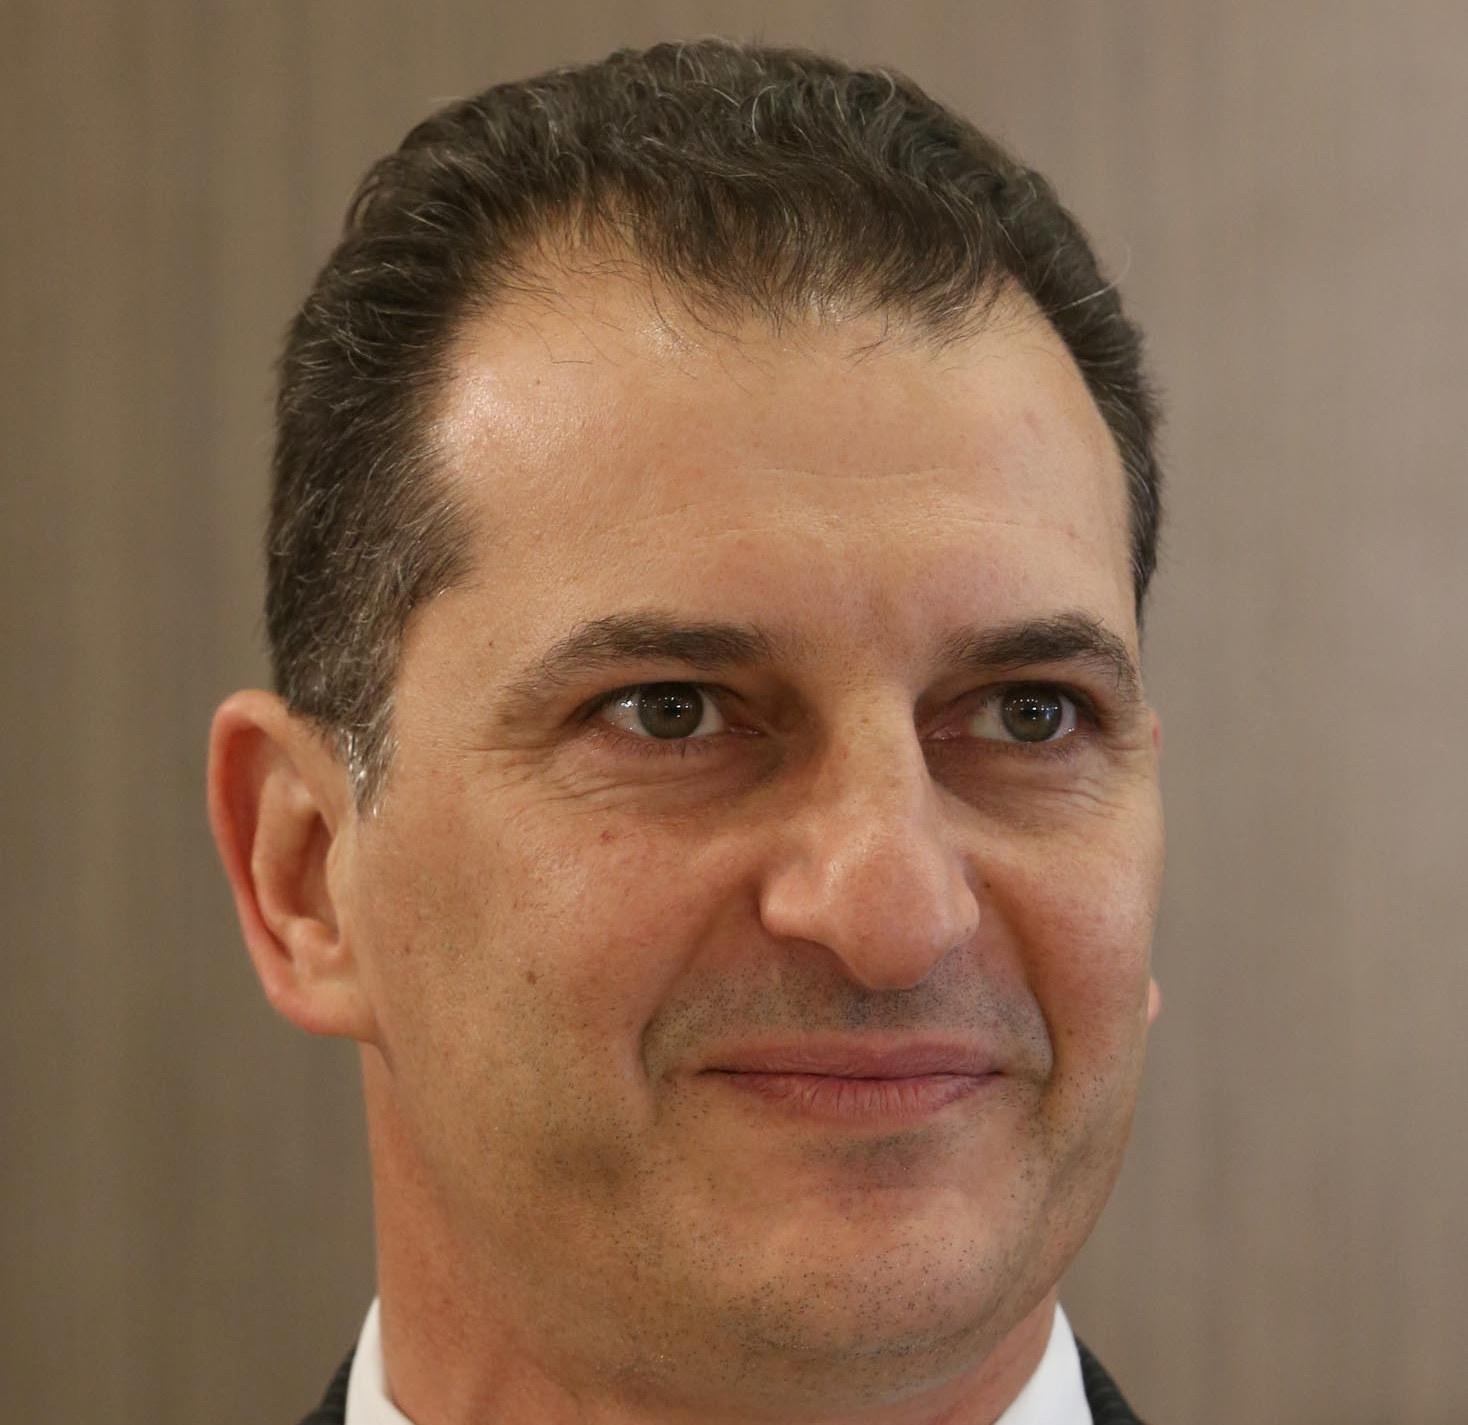 Güney Kıbrıs'ın hedefi, daha fazla doğal gaz